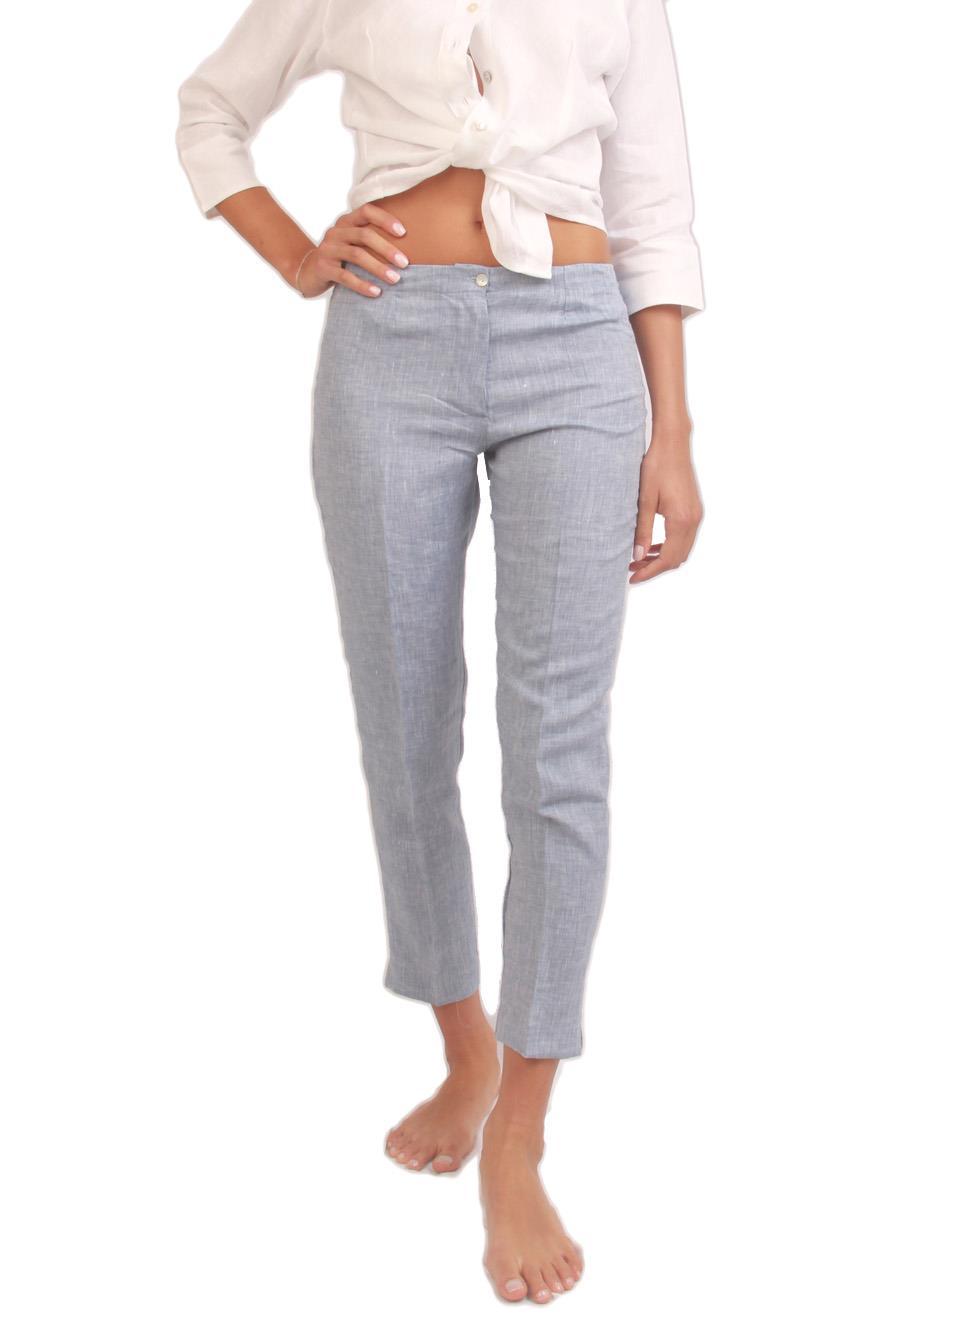 vendita all'ingrosso store bene fuori x Capri pants in pure grey linen - Colori Di Capri - Manecapri